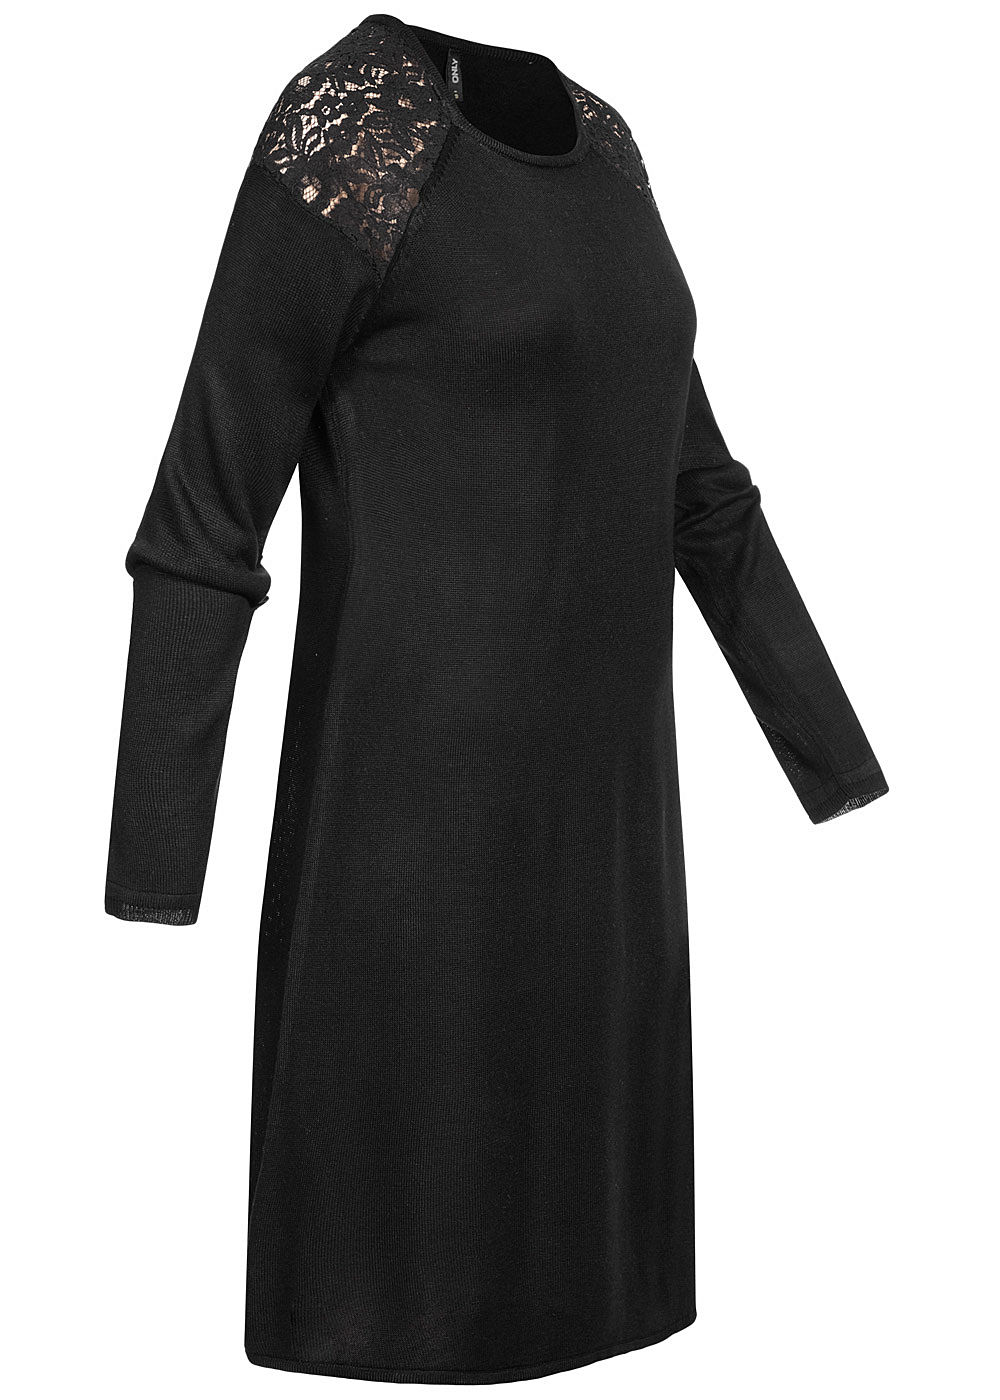 ONLY Damen Skater Strick Kleid mit Spitze schwarz ...